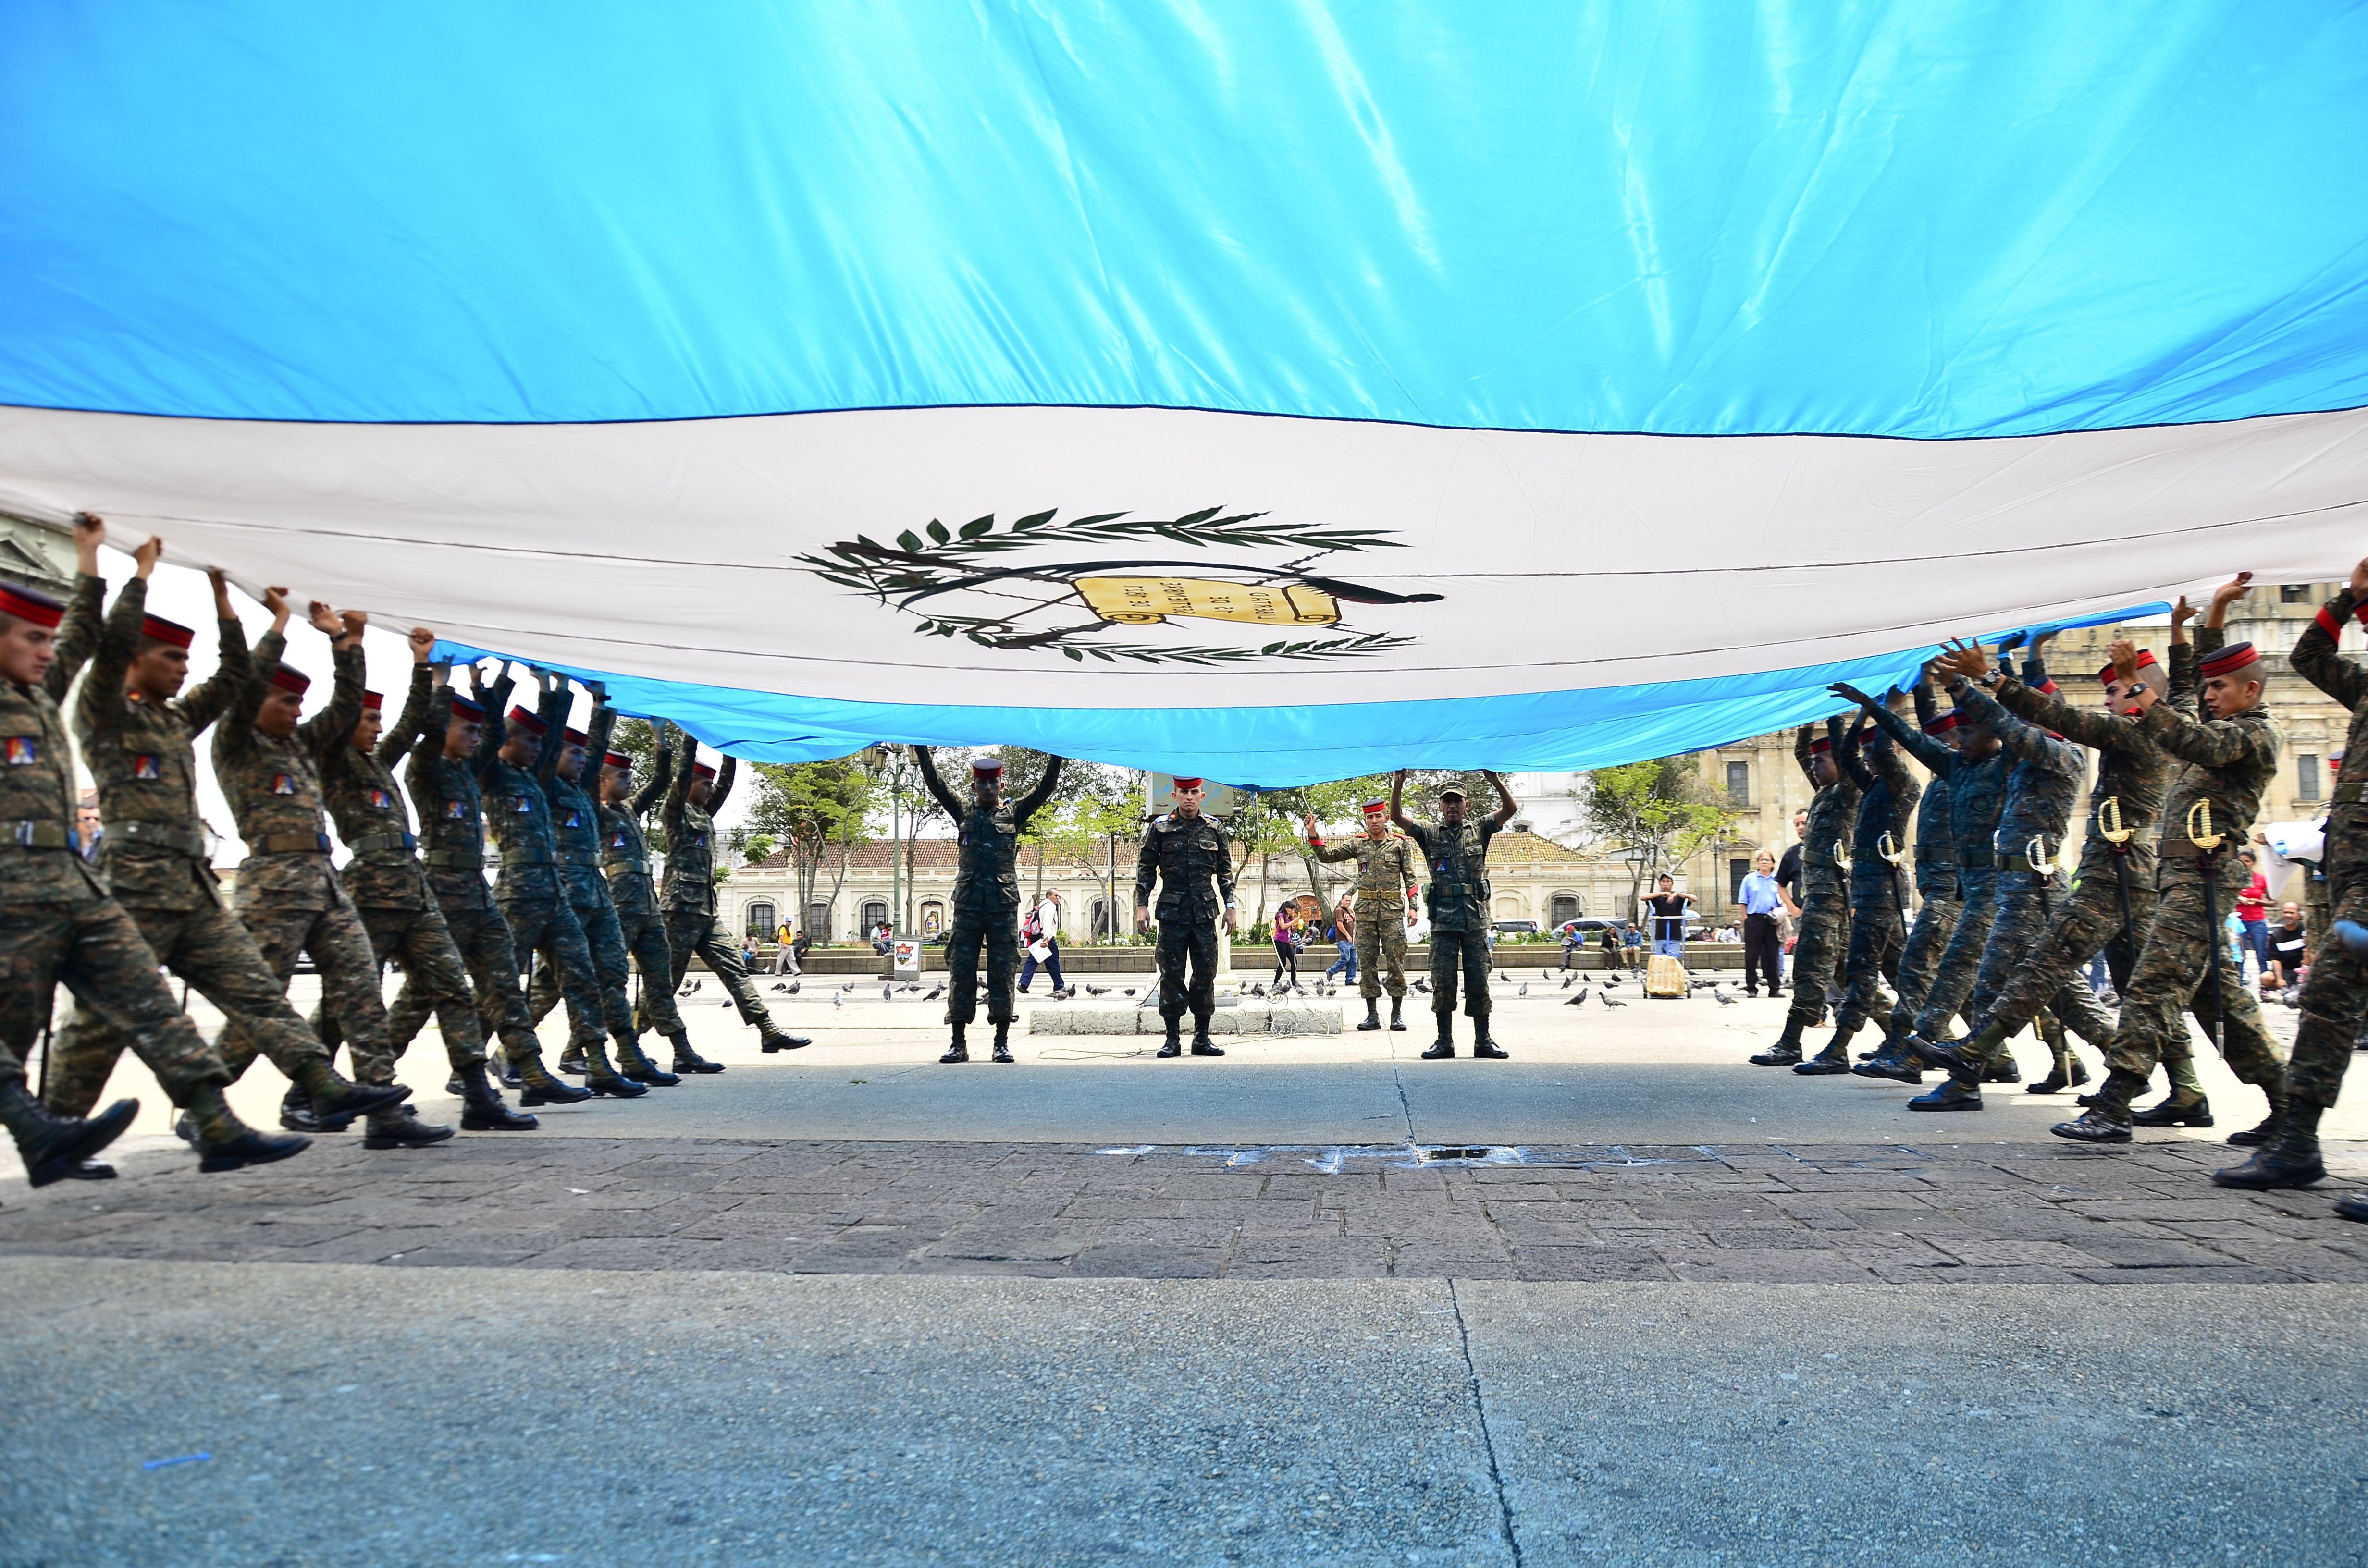 Bandera de Guatemala, preparación del alza de la bandera en Plaza de la Constitución Frente al Palacio Nacional de Guatemala